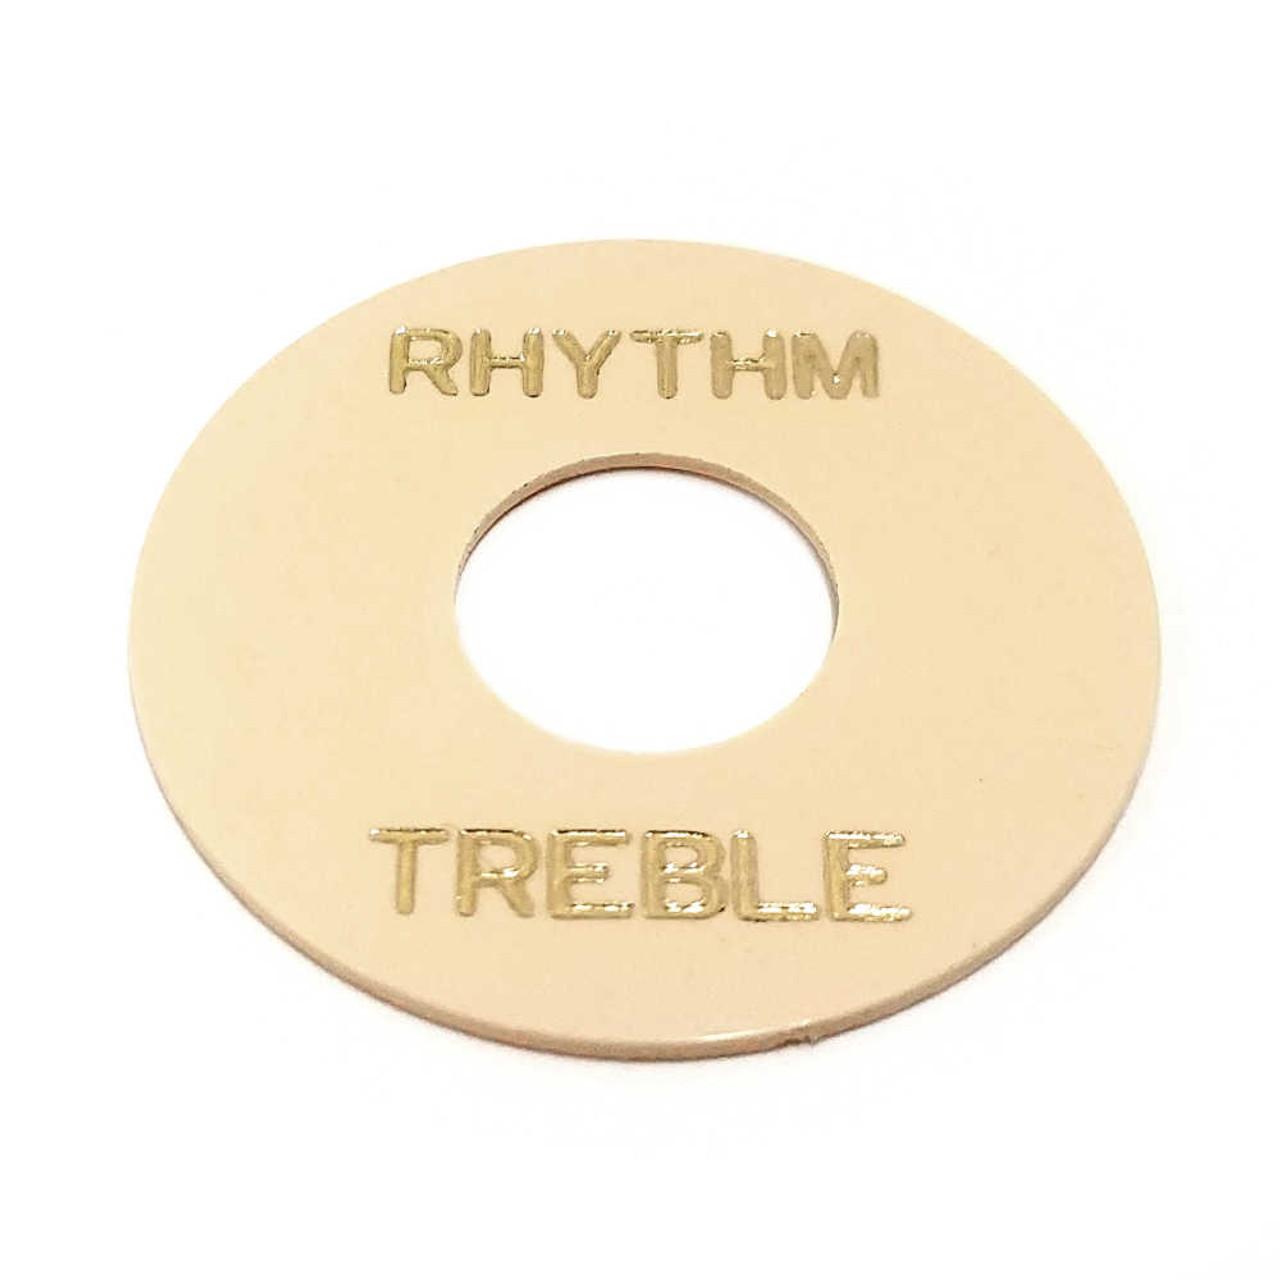 Rhythm/Treble Ring - Cream /w Gold Letters